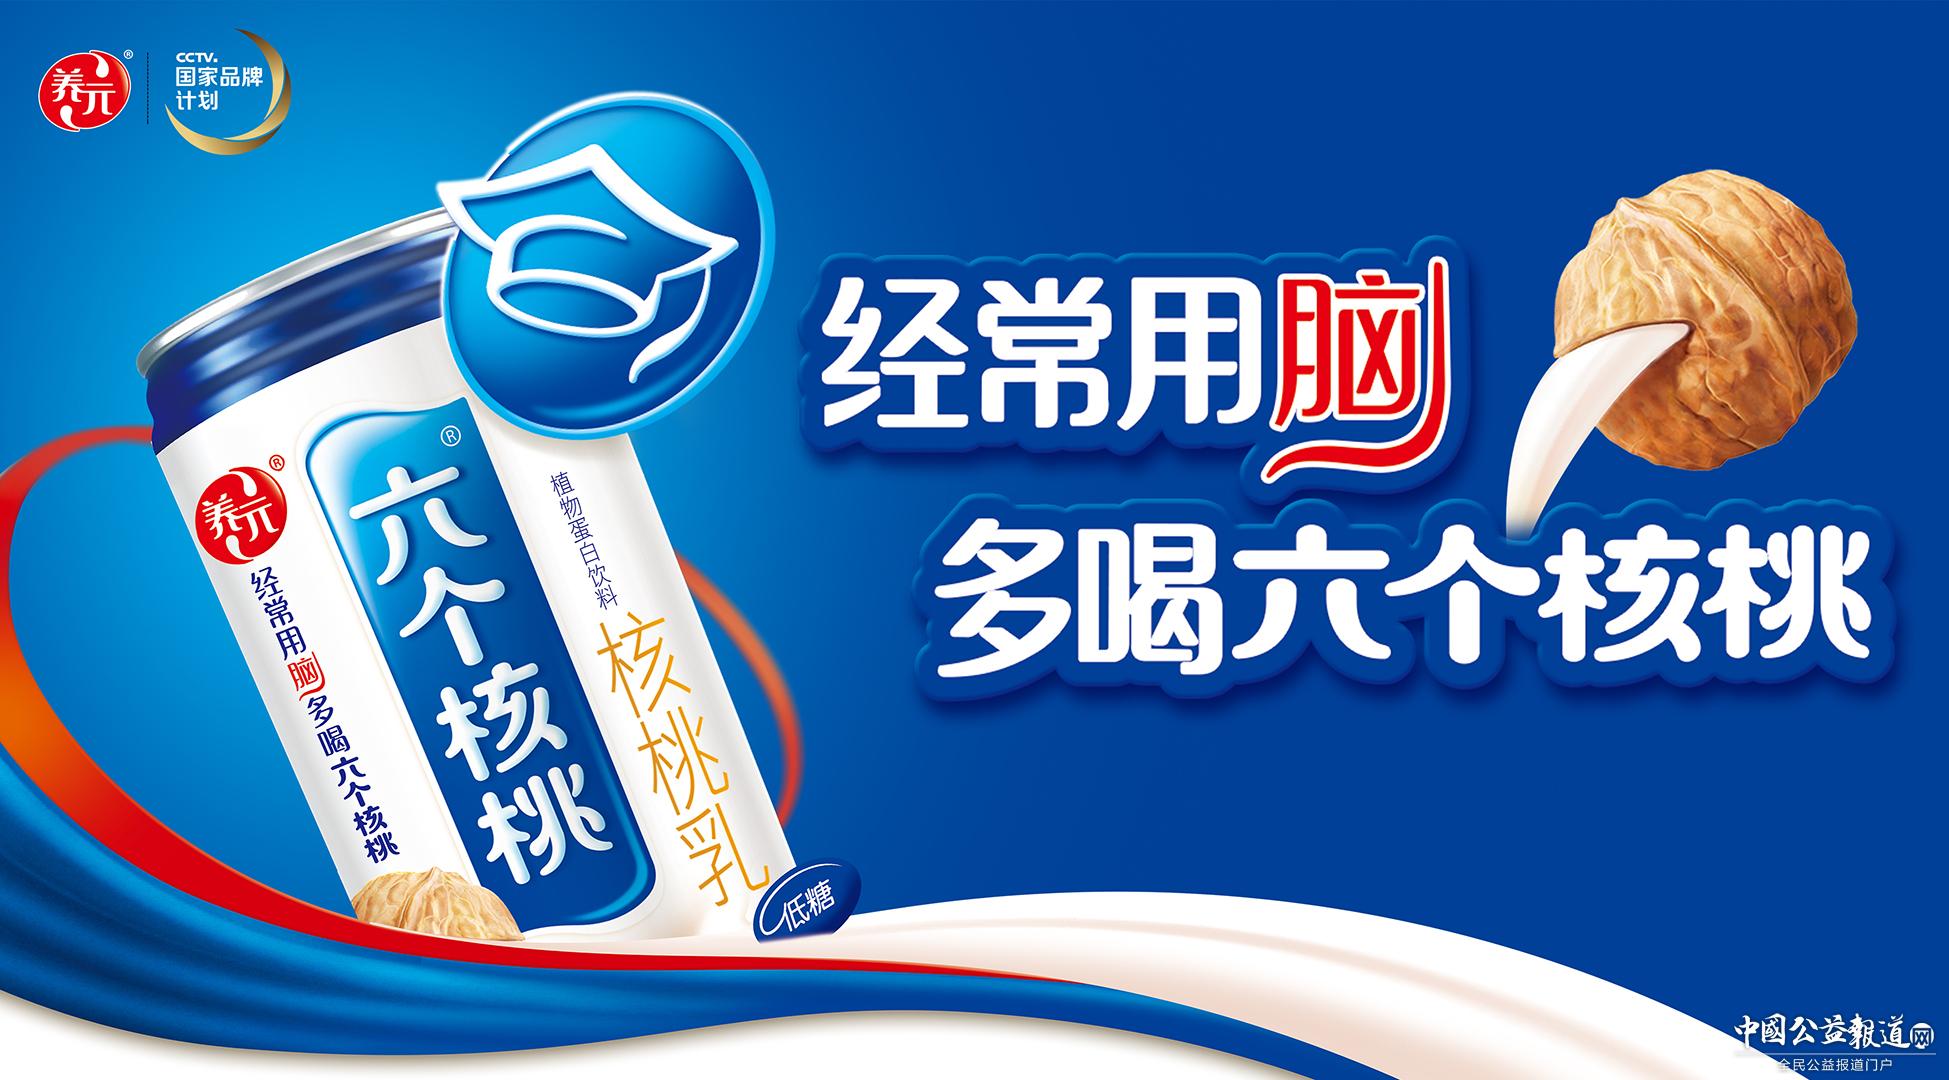 六个核桃读书慧 惠中华 推动社会公益事业发展